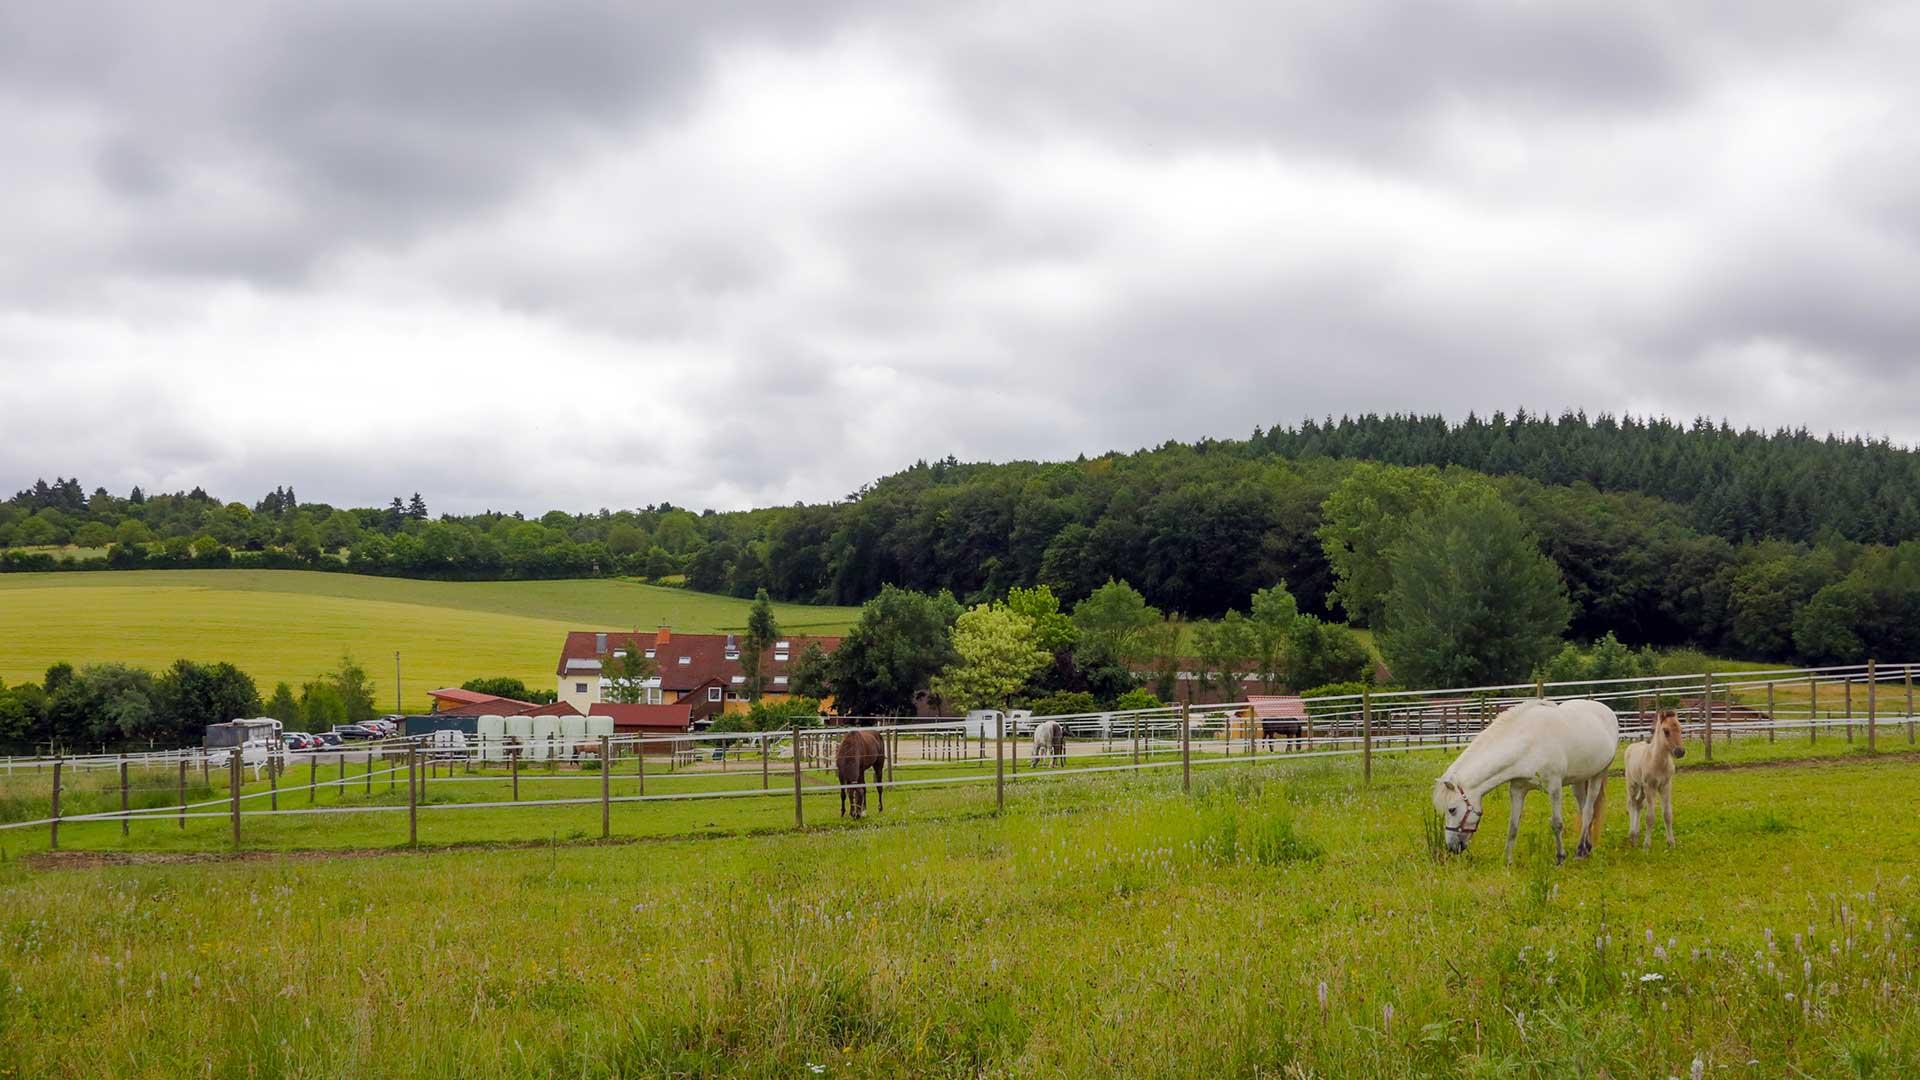 Pferdeklinik Salzhofen - Impressionen - Koppel mit Klinik im Hintergrund